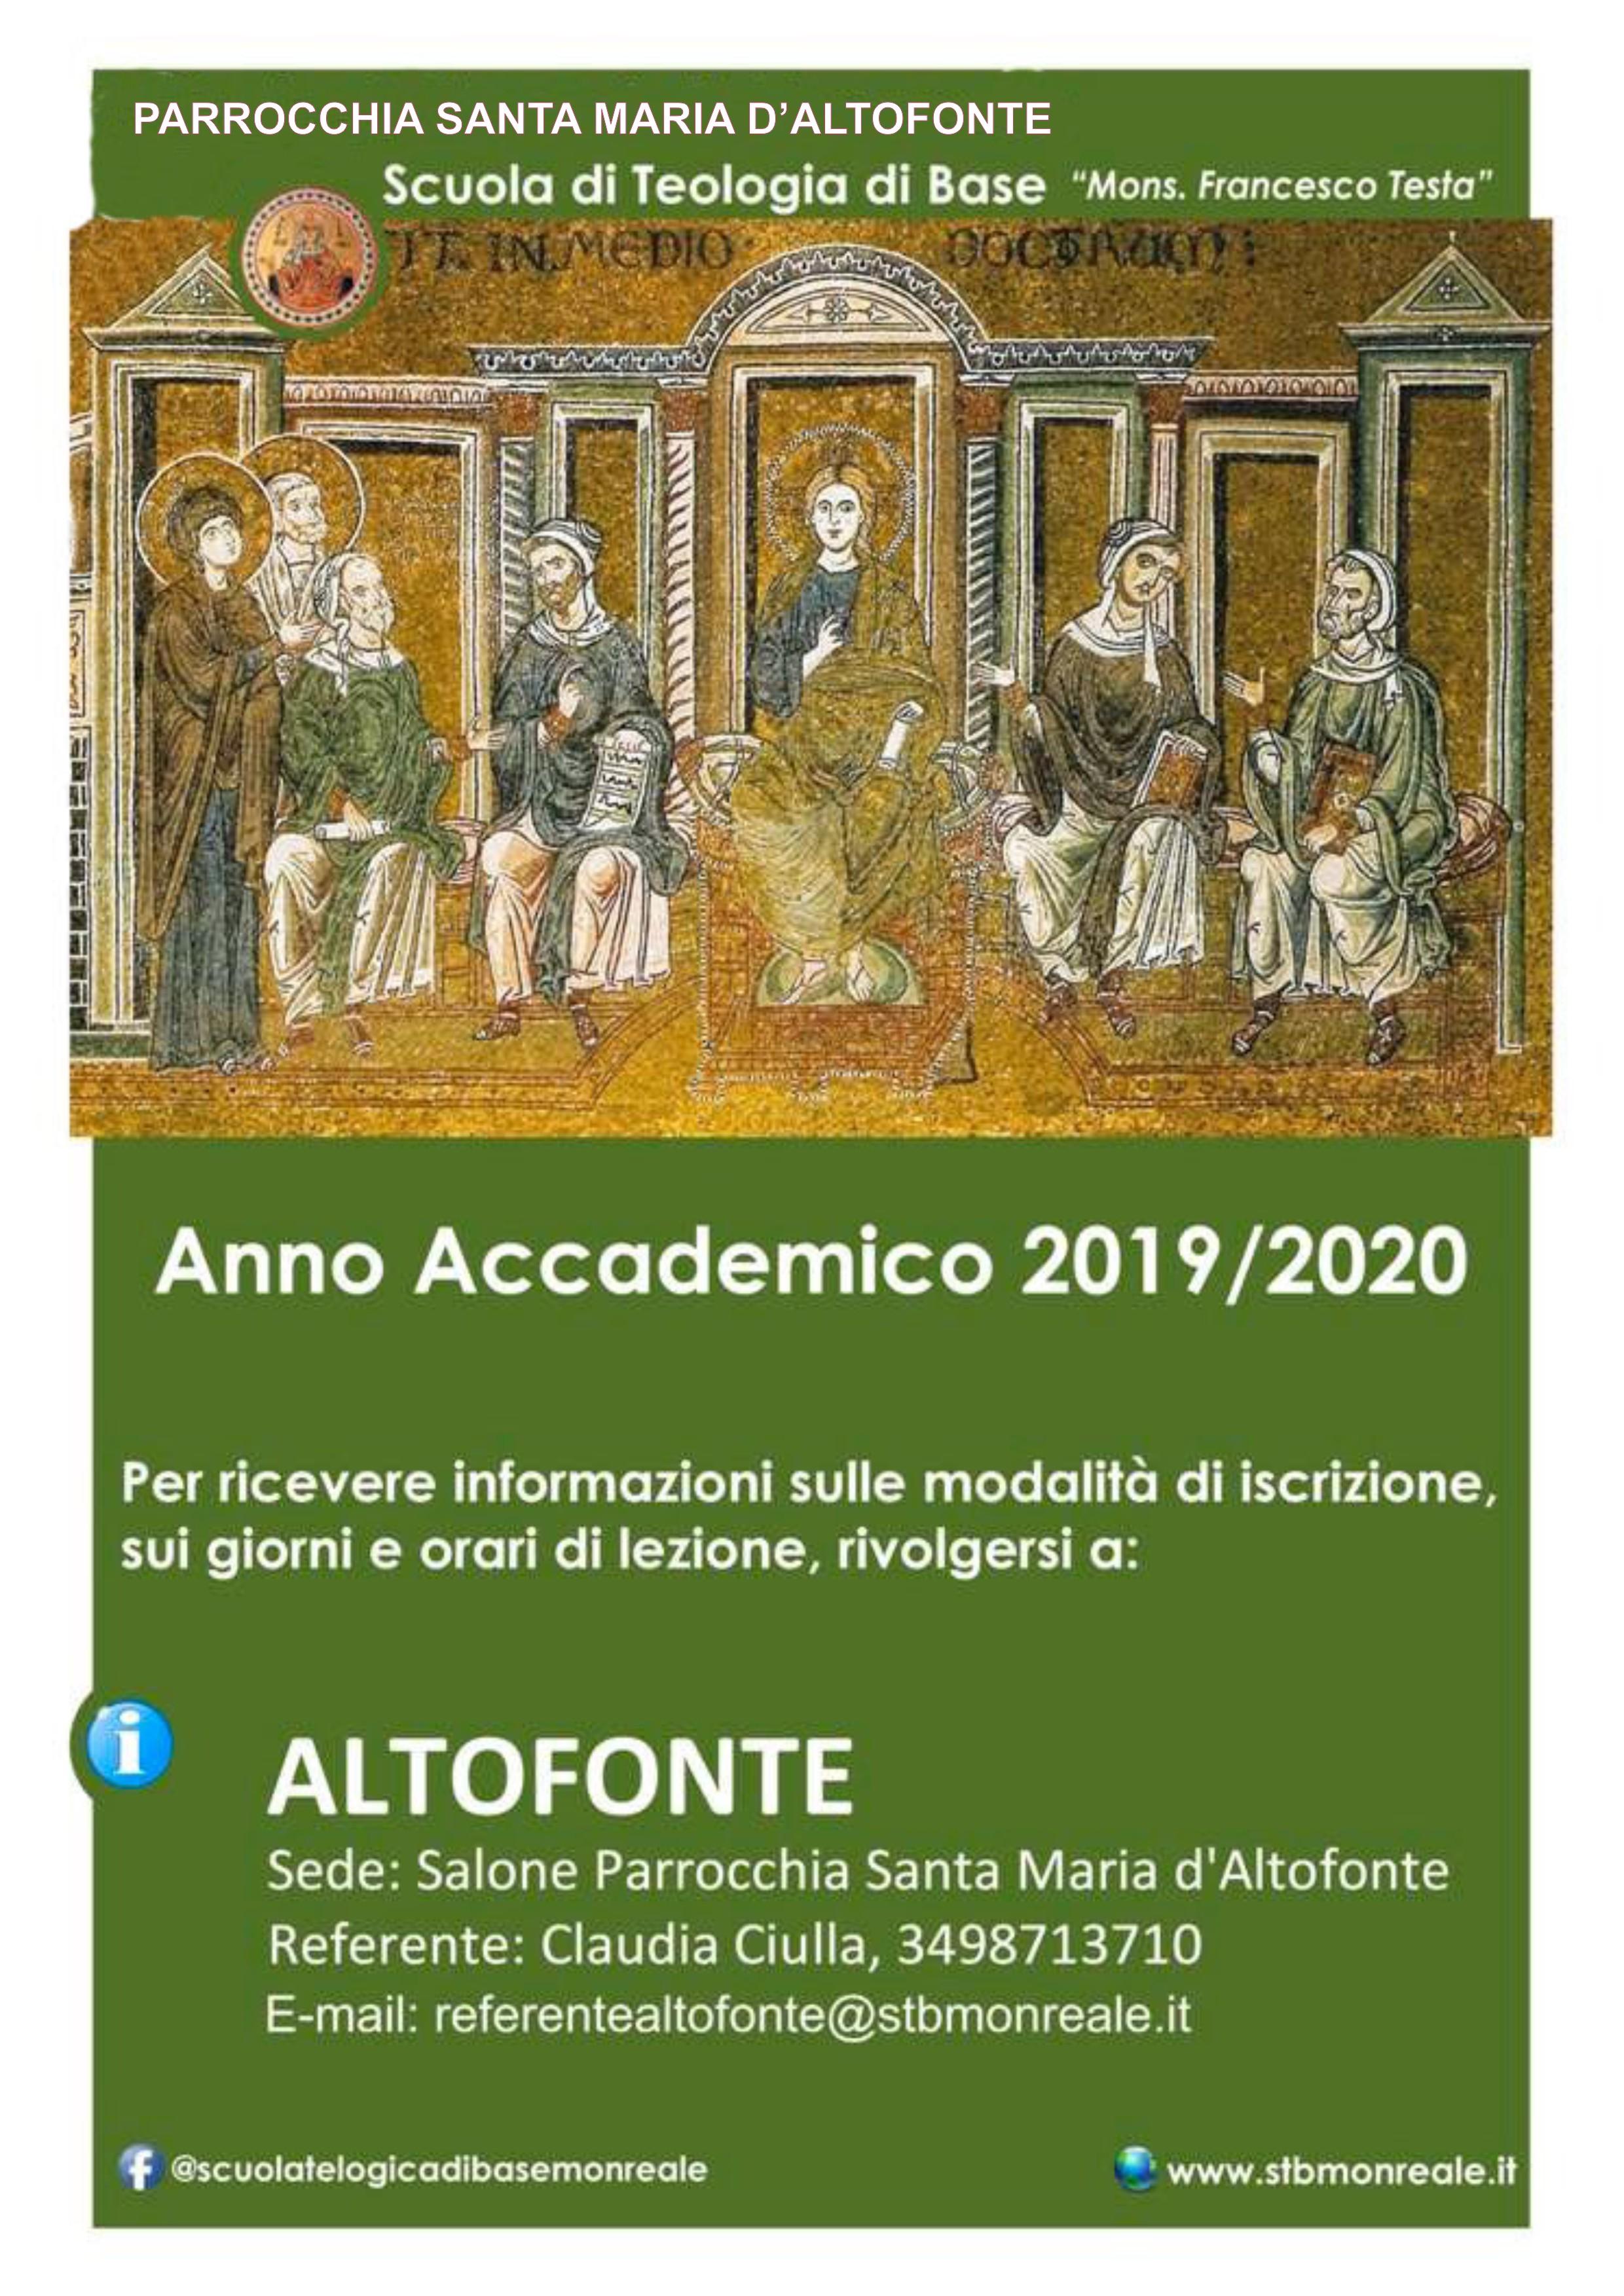 Calendario Pastorale 2020.Www Parrocchiasantamariaaltofonte It Scuola Di Teologia Di